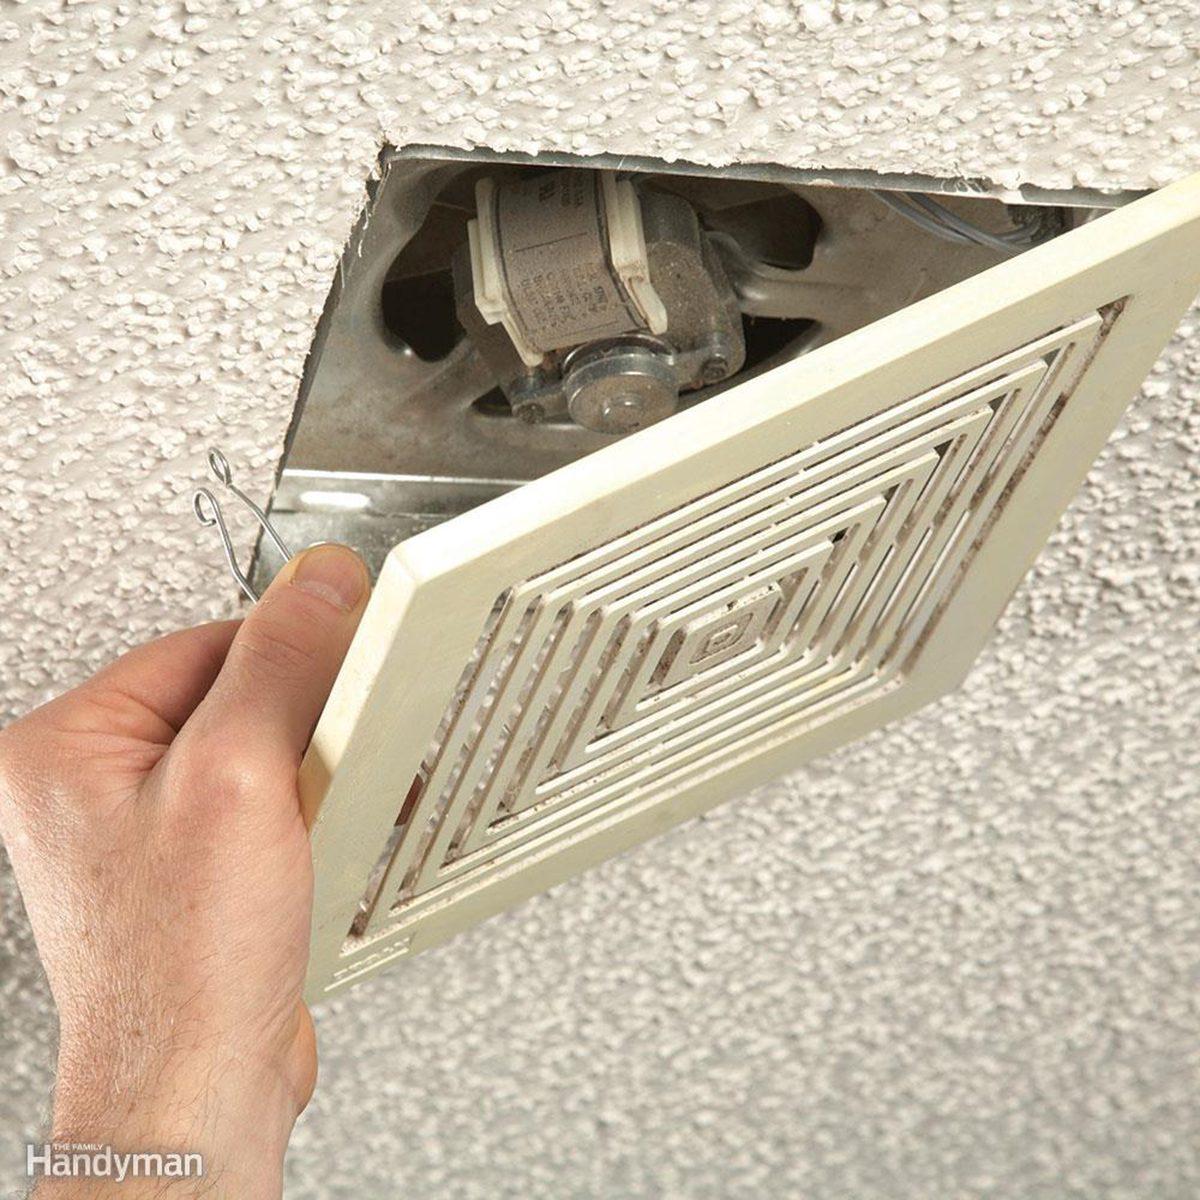 Opening the bathroom fan grill